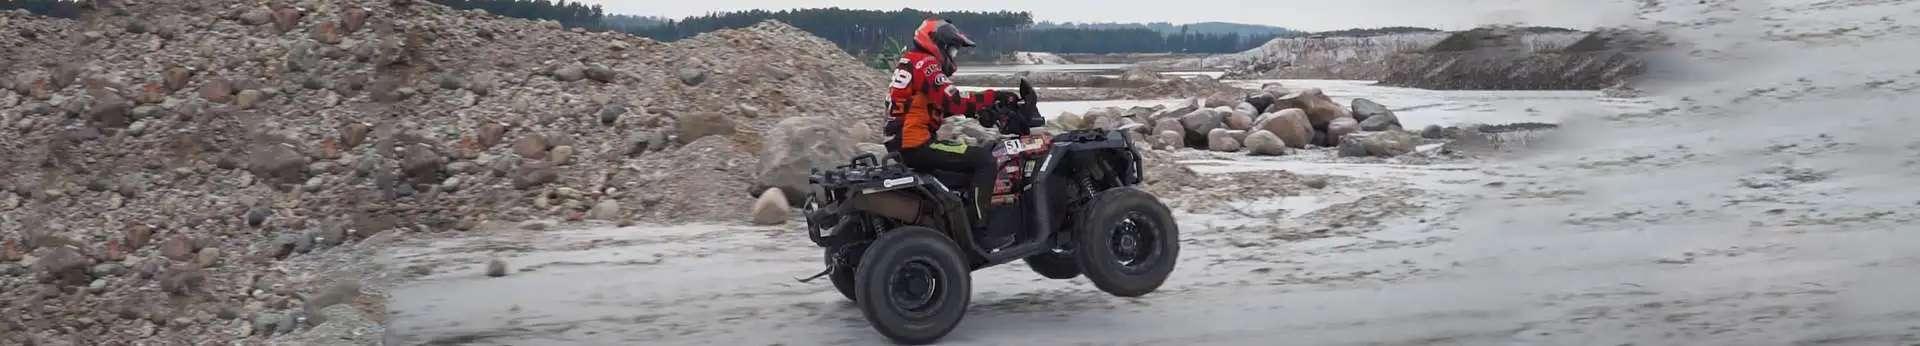 Quad jadący w wąwozie Polaris 1000 dostępny na stronie www.korbanek.pl